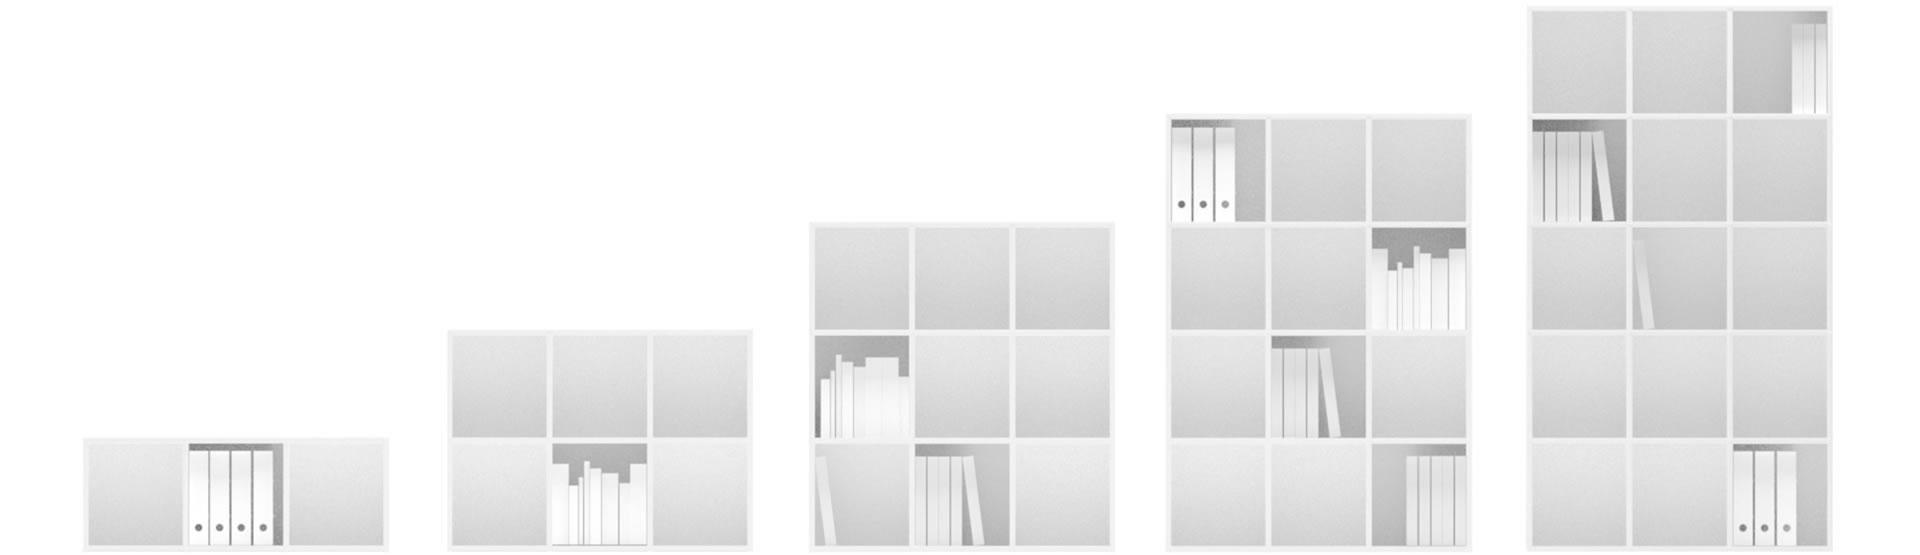 Full Size of Regal Weis Reservare Modernes Design Von Kleiderschrank Mit Weiße Regale Offenes Bad Weiß Leiter Schlafzimmer Weiss Kolonialstil Sheesham Auf Maß Bett Regal Regal Weis